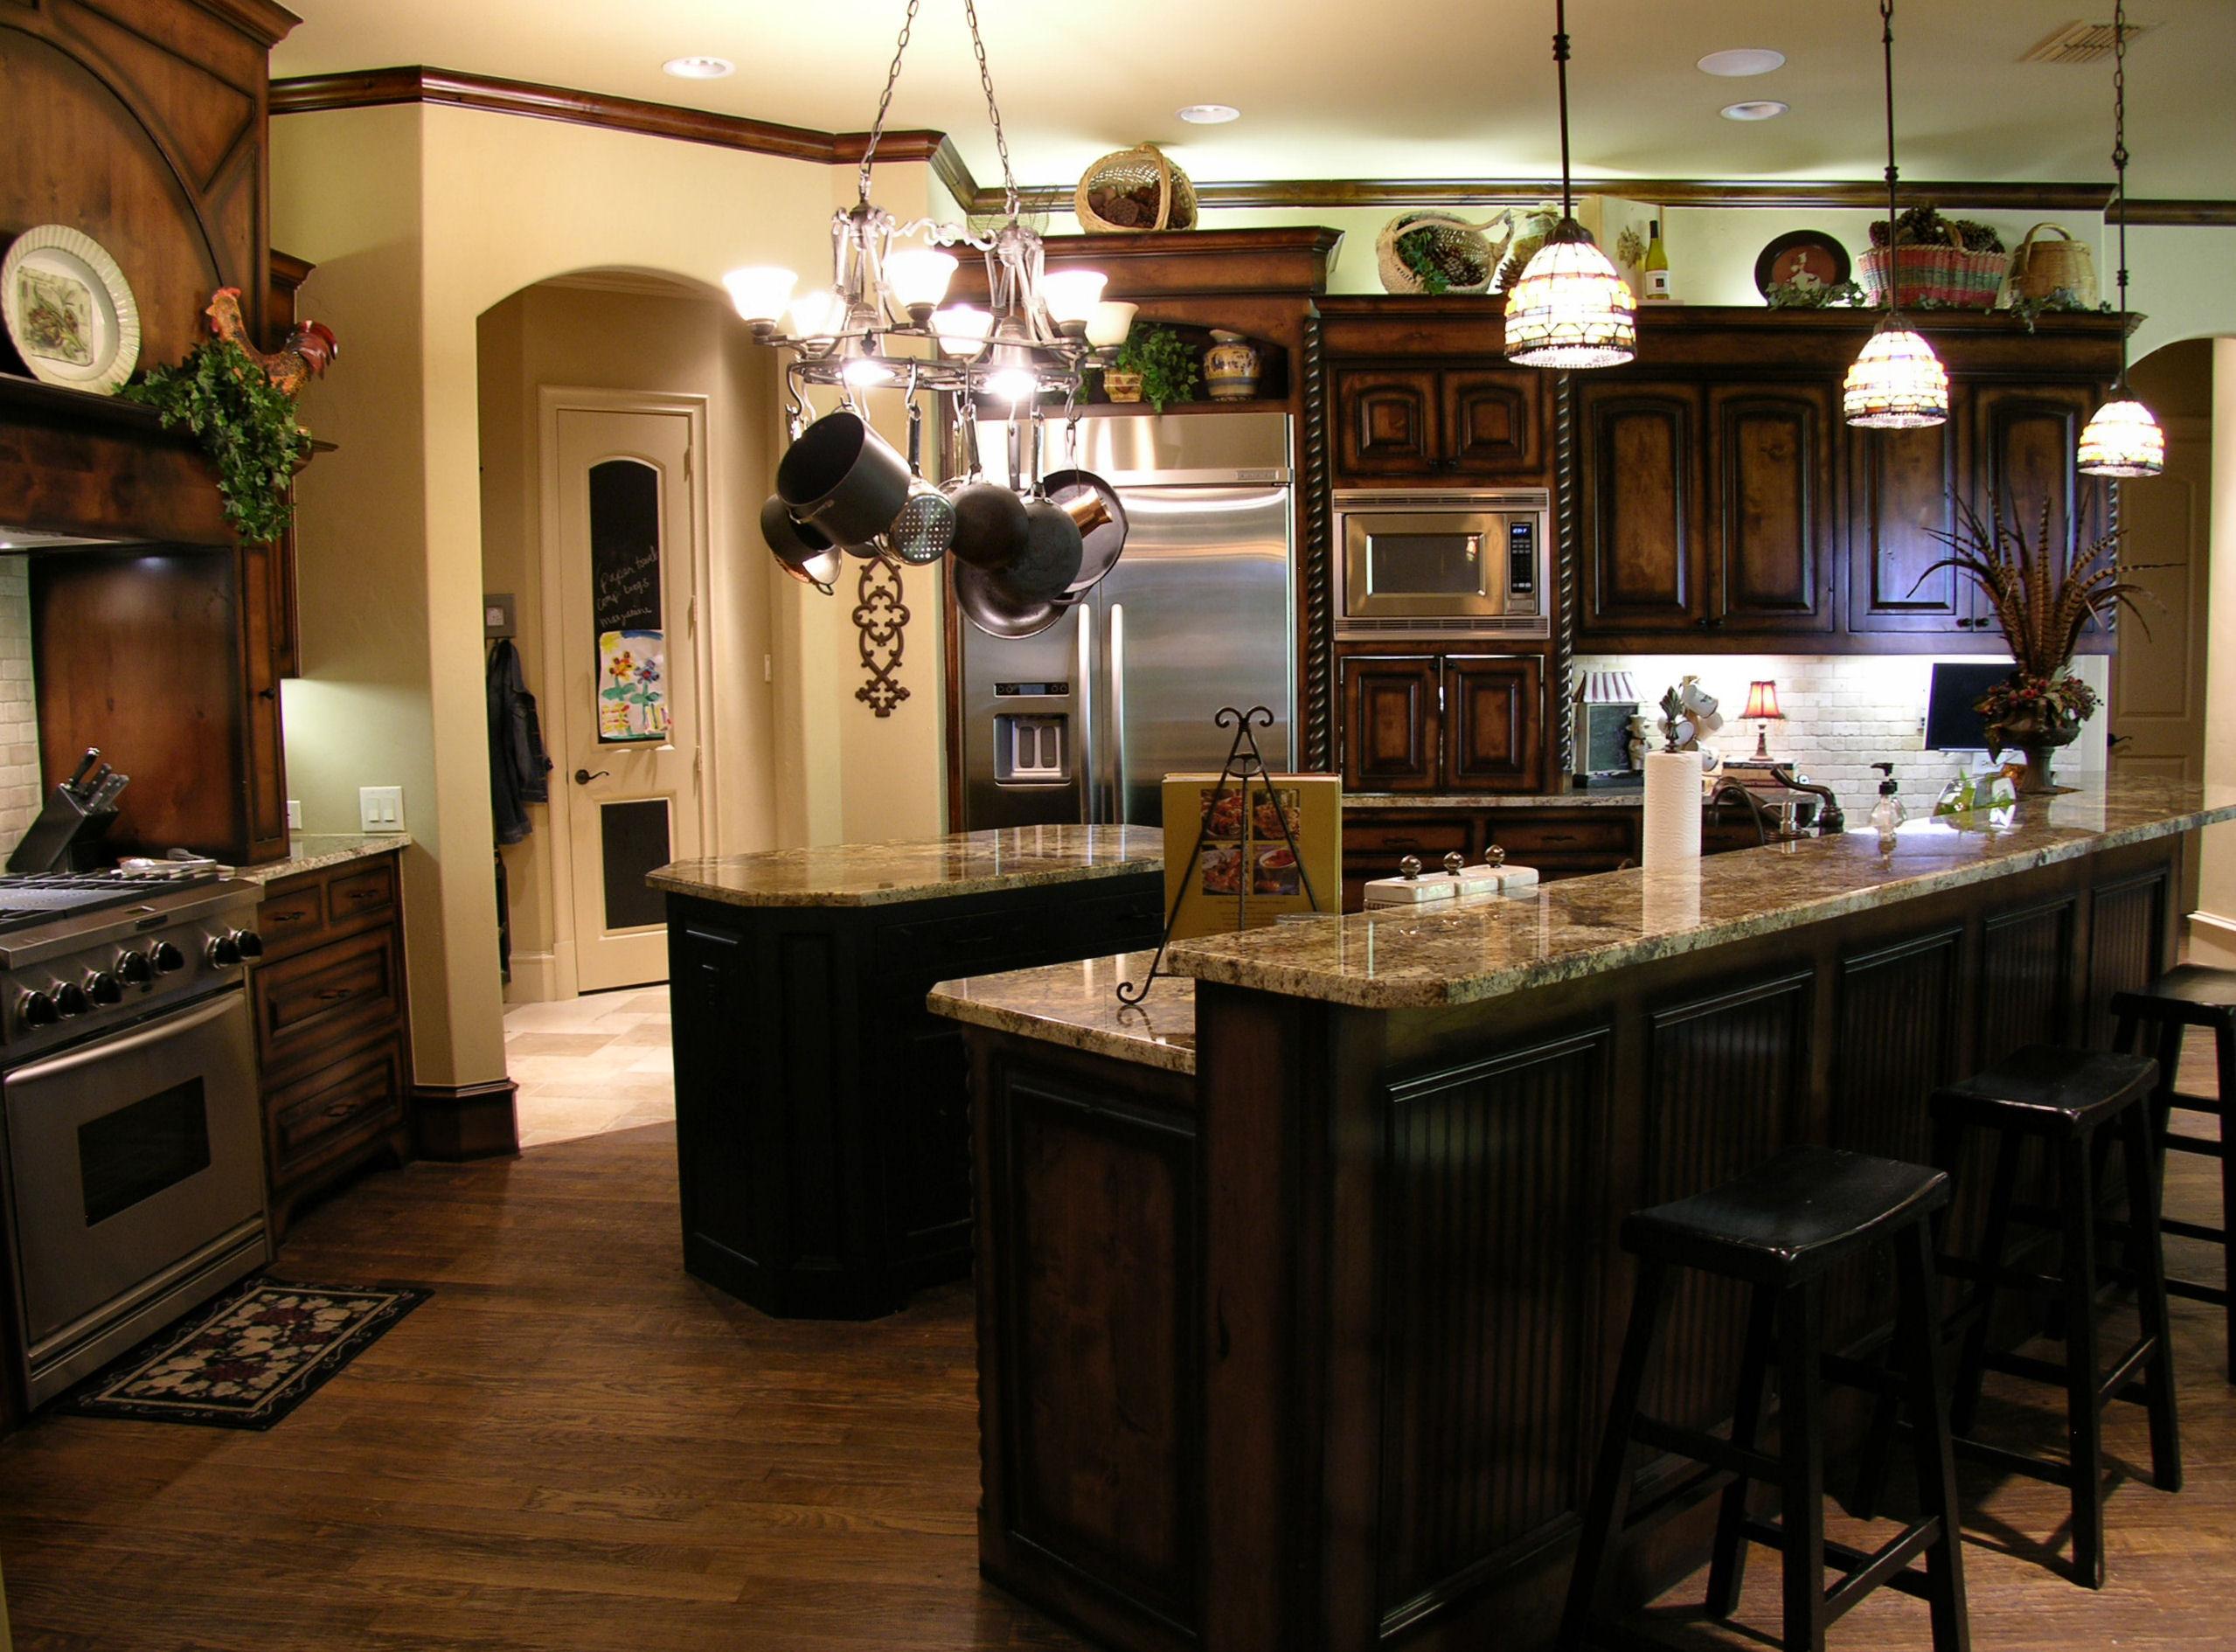 DSCN9409-Kitchen.JPG